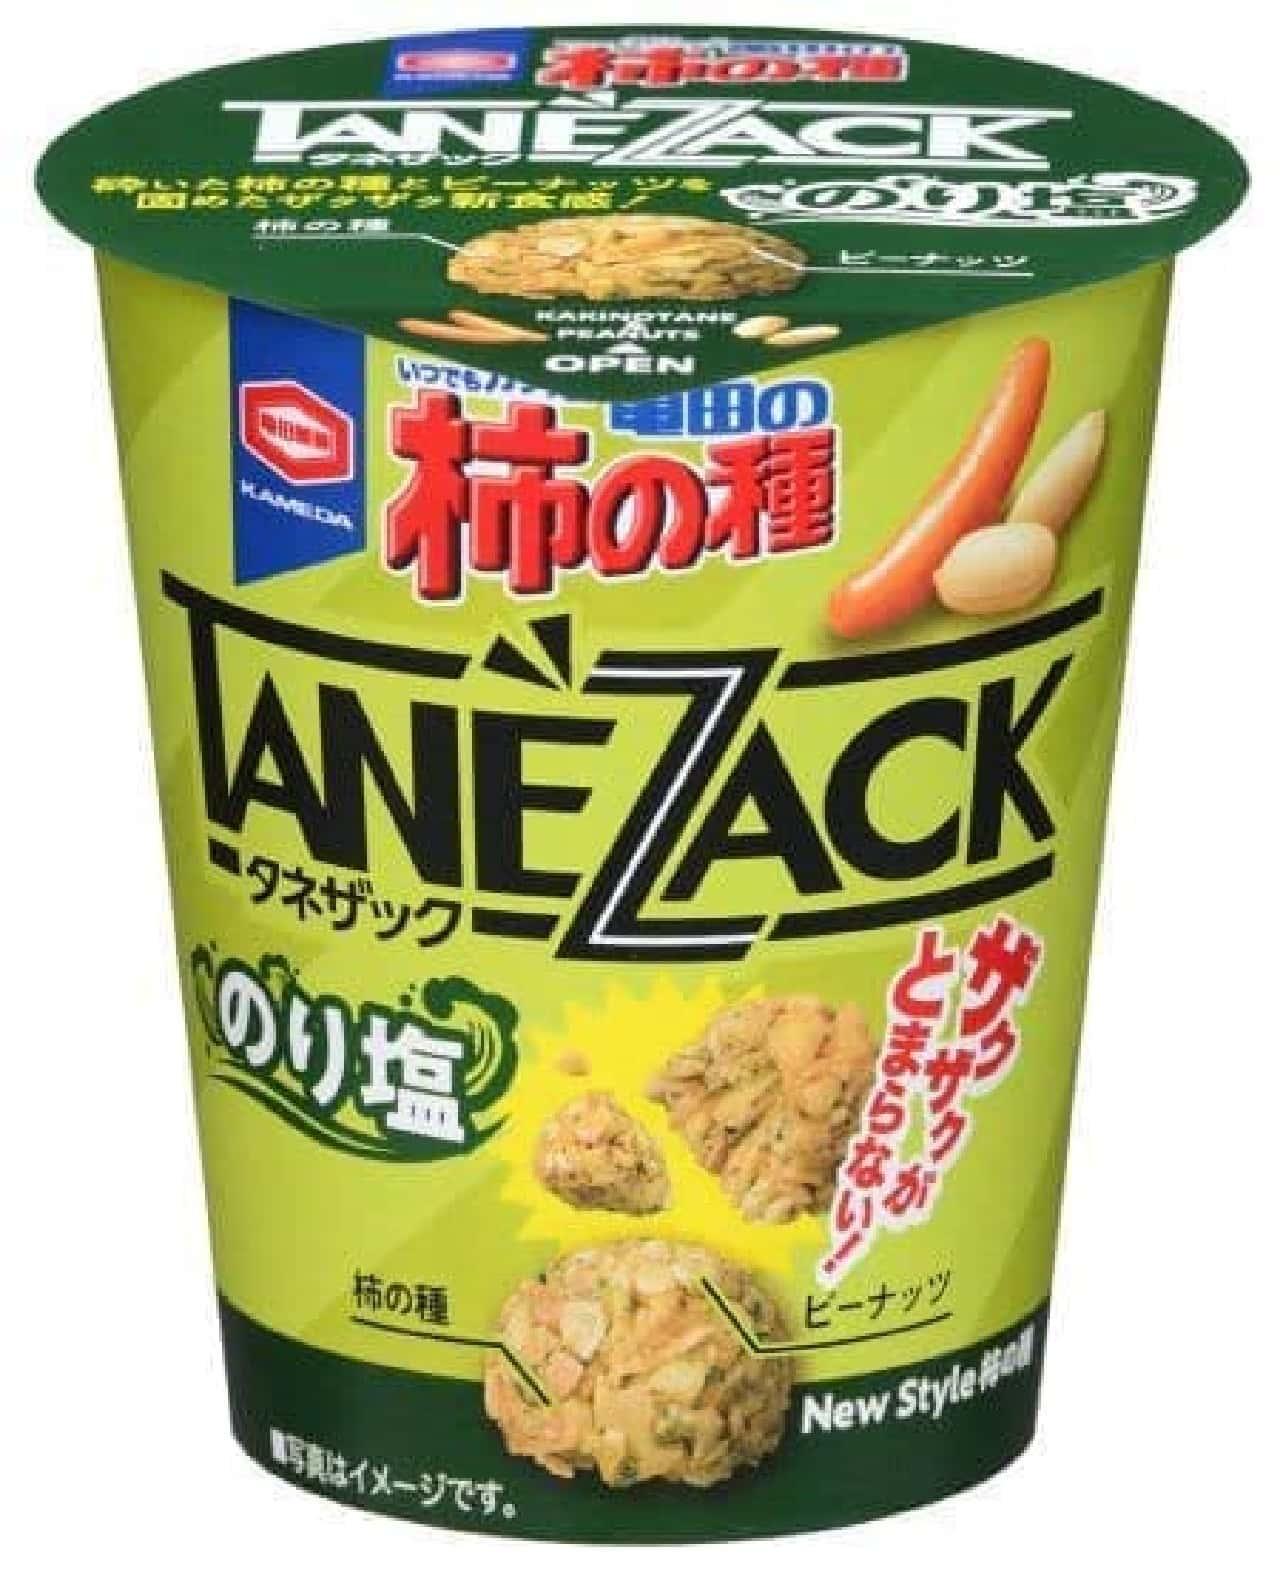 亀田製菓「亀田の柿の種 タネザック のり塩」